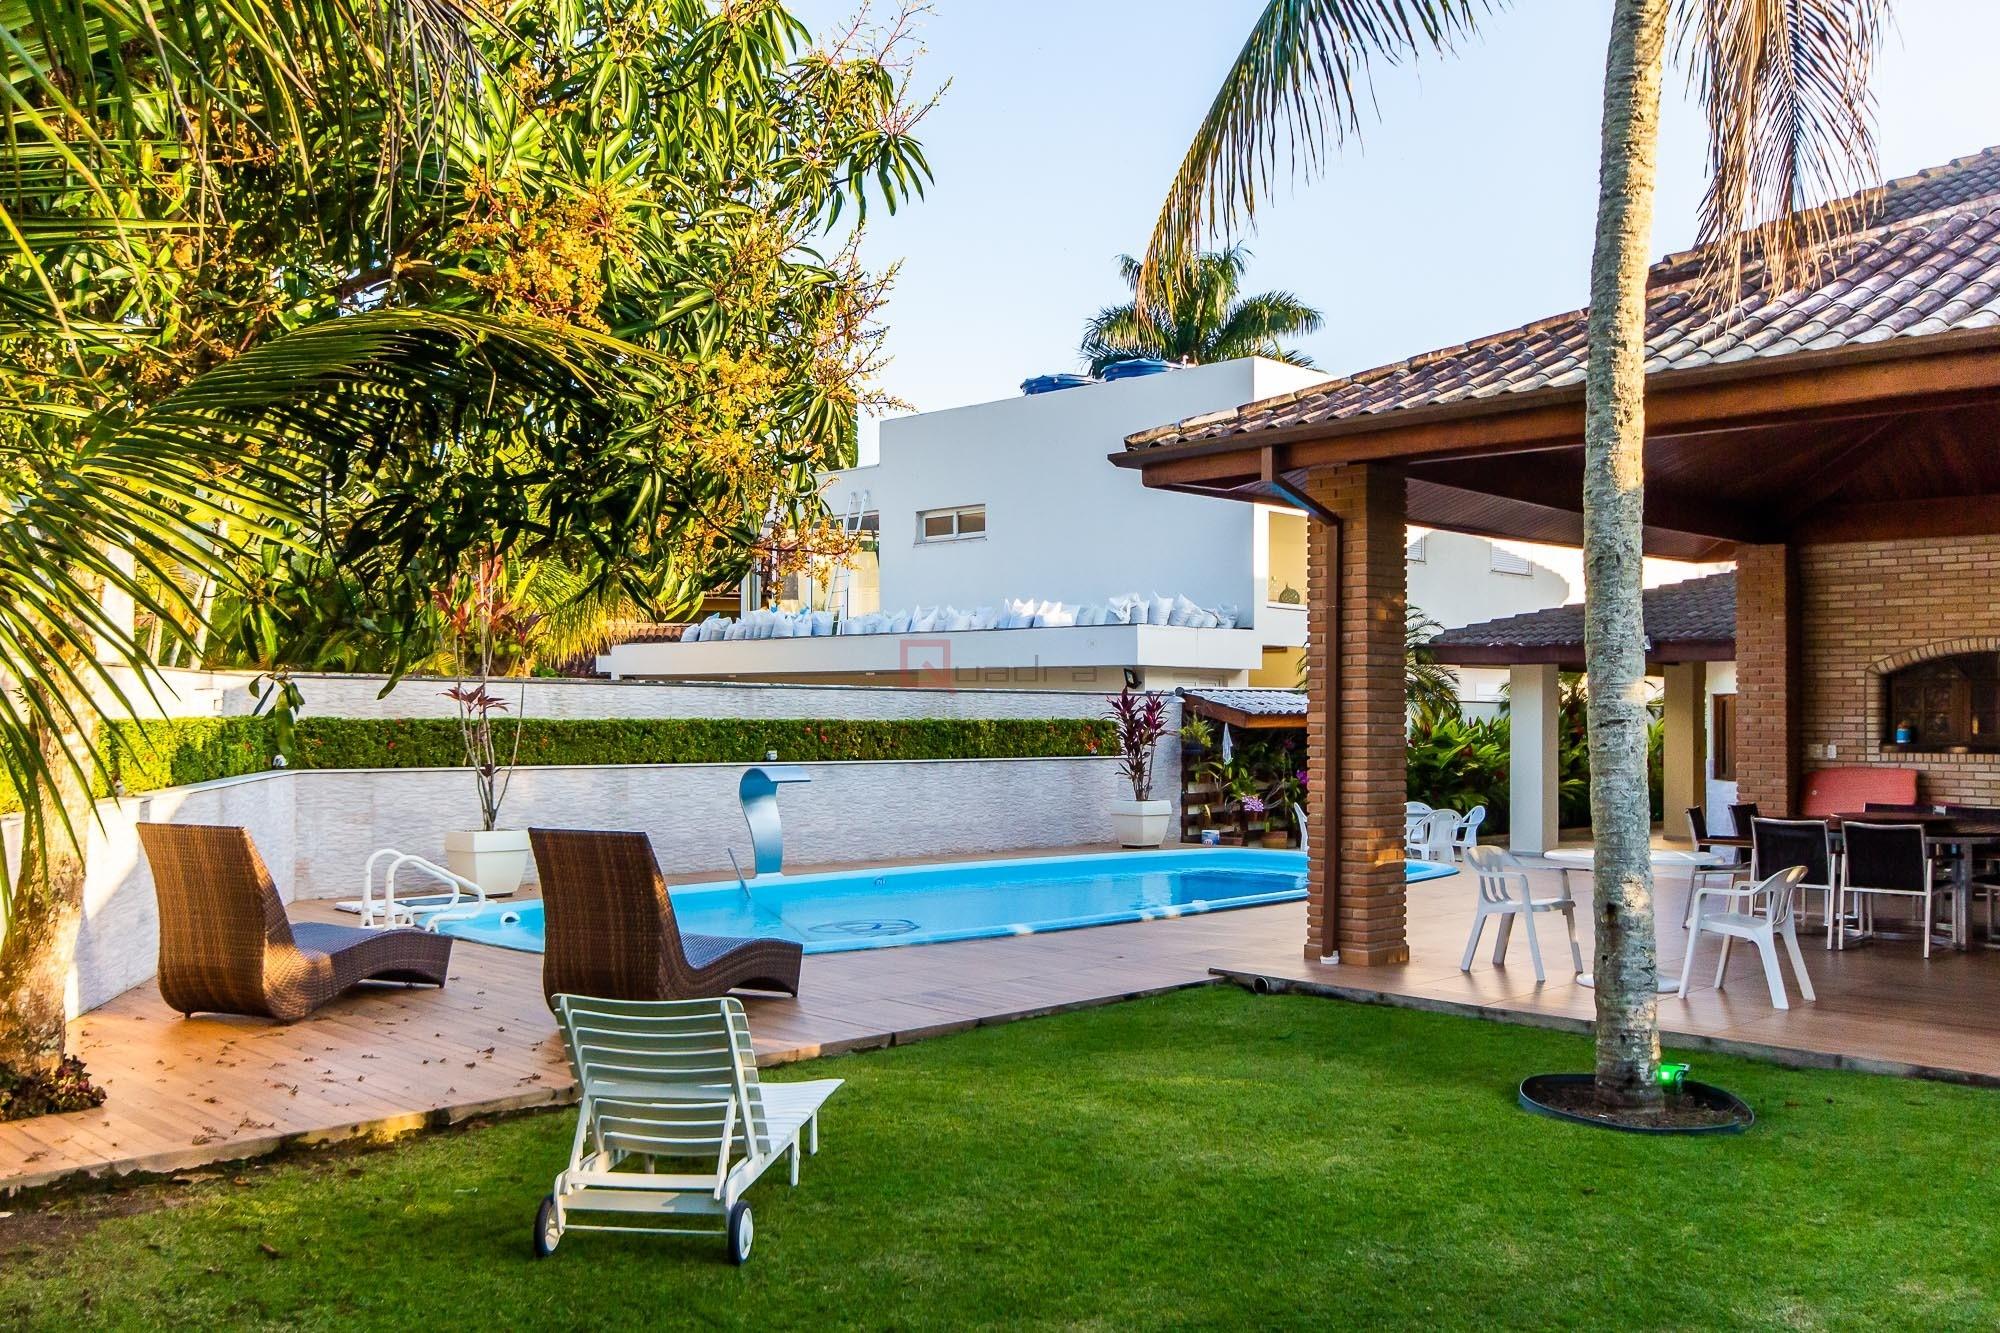 Casa com 6 dormitórios (3 suítes) para alugar em Caraguatatuba, no bairro Tabatinga